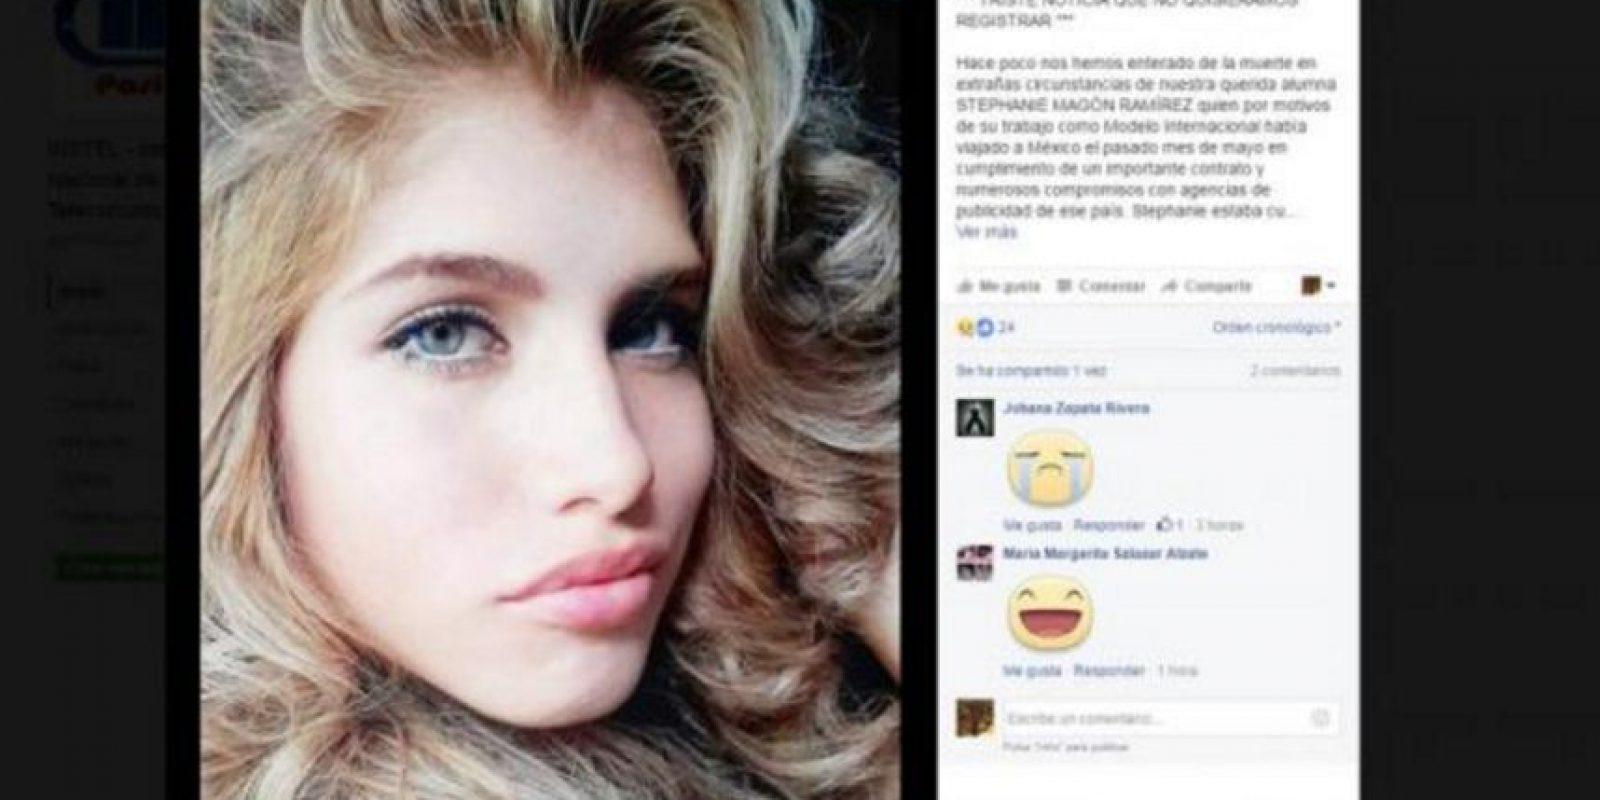 Fue hallada con señales de tortura y su familia espera repatriar su cuerpo. Foto:Facebook